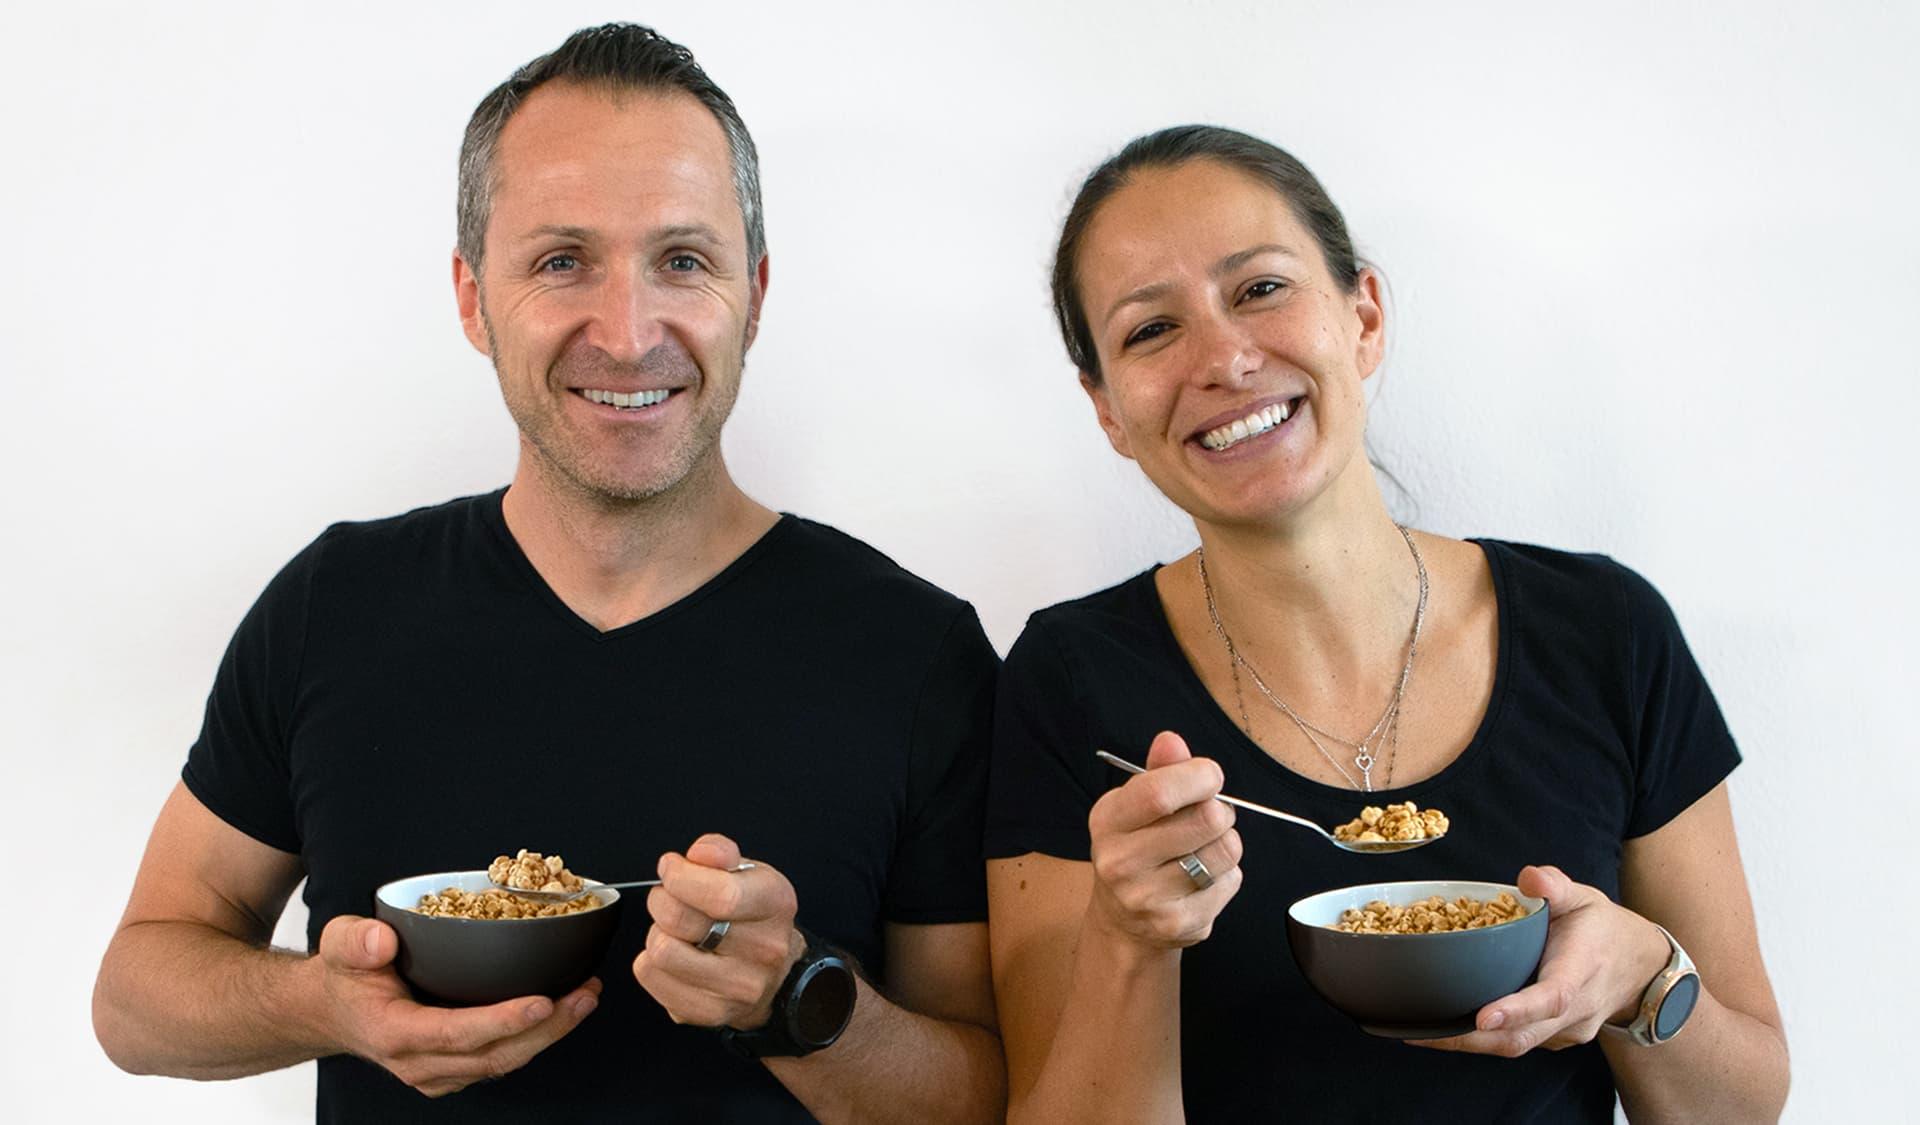 Natascha und Alexander Neumann  mit Cerealien-Schüsseln